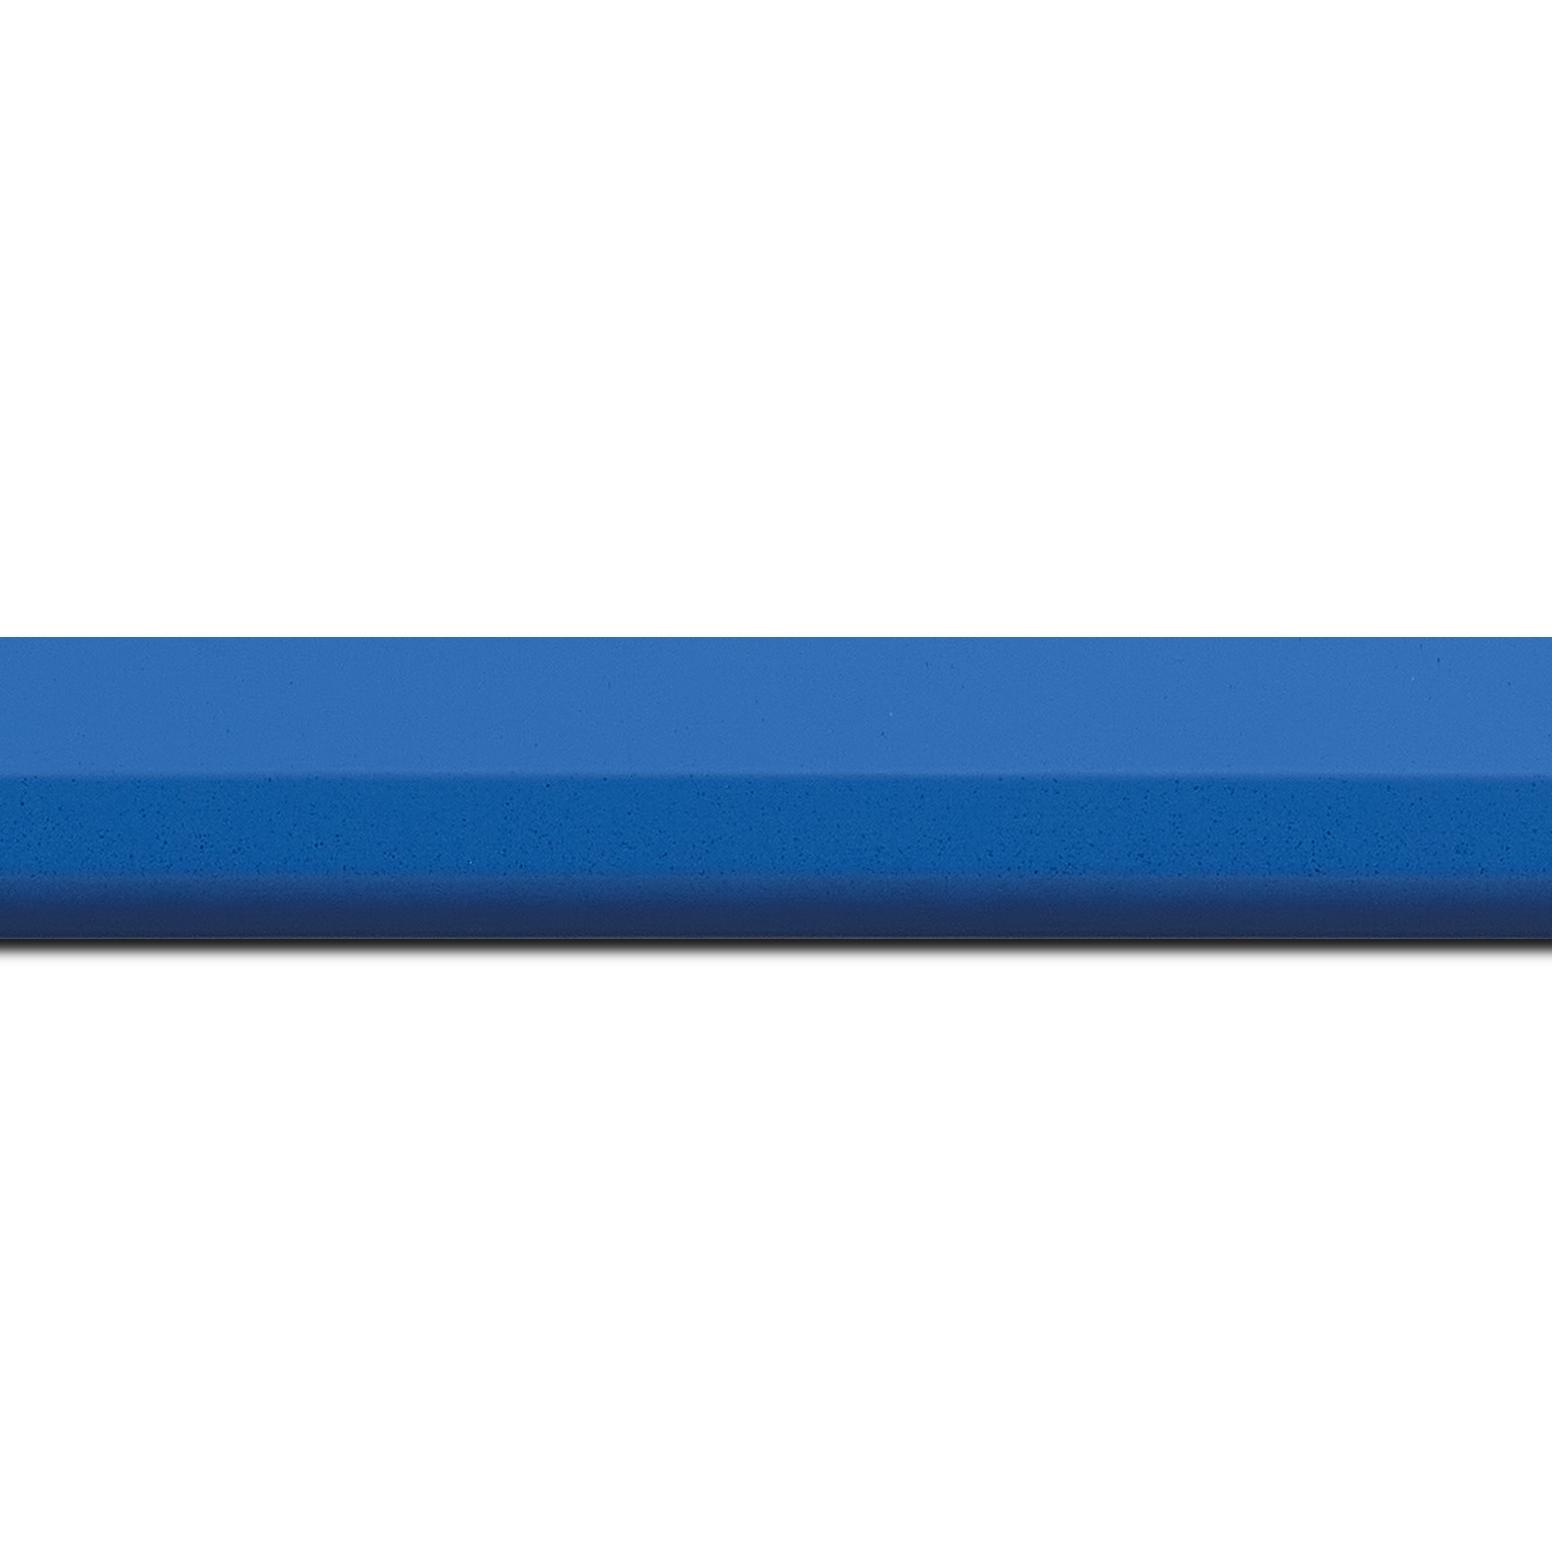 Baguette longueur 1.40m bois profil plat profil plat 3 faces largeur 2.8cm de couleur bleu roi mat , nez intérieur bleu foncé mat dégradé (finition pore bouché)